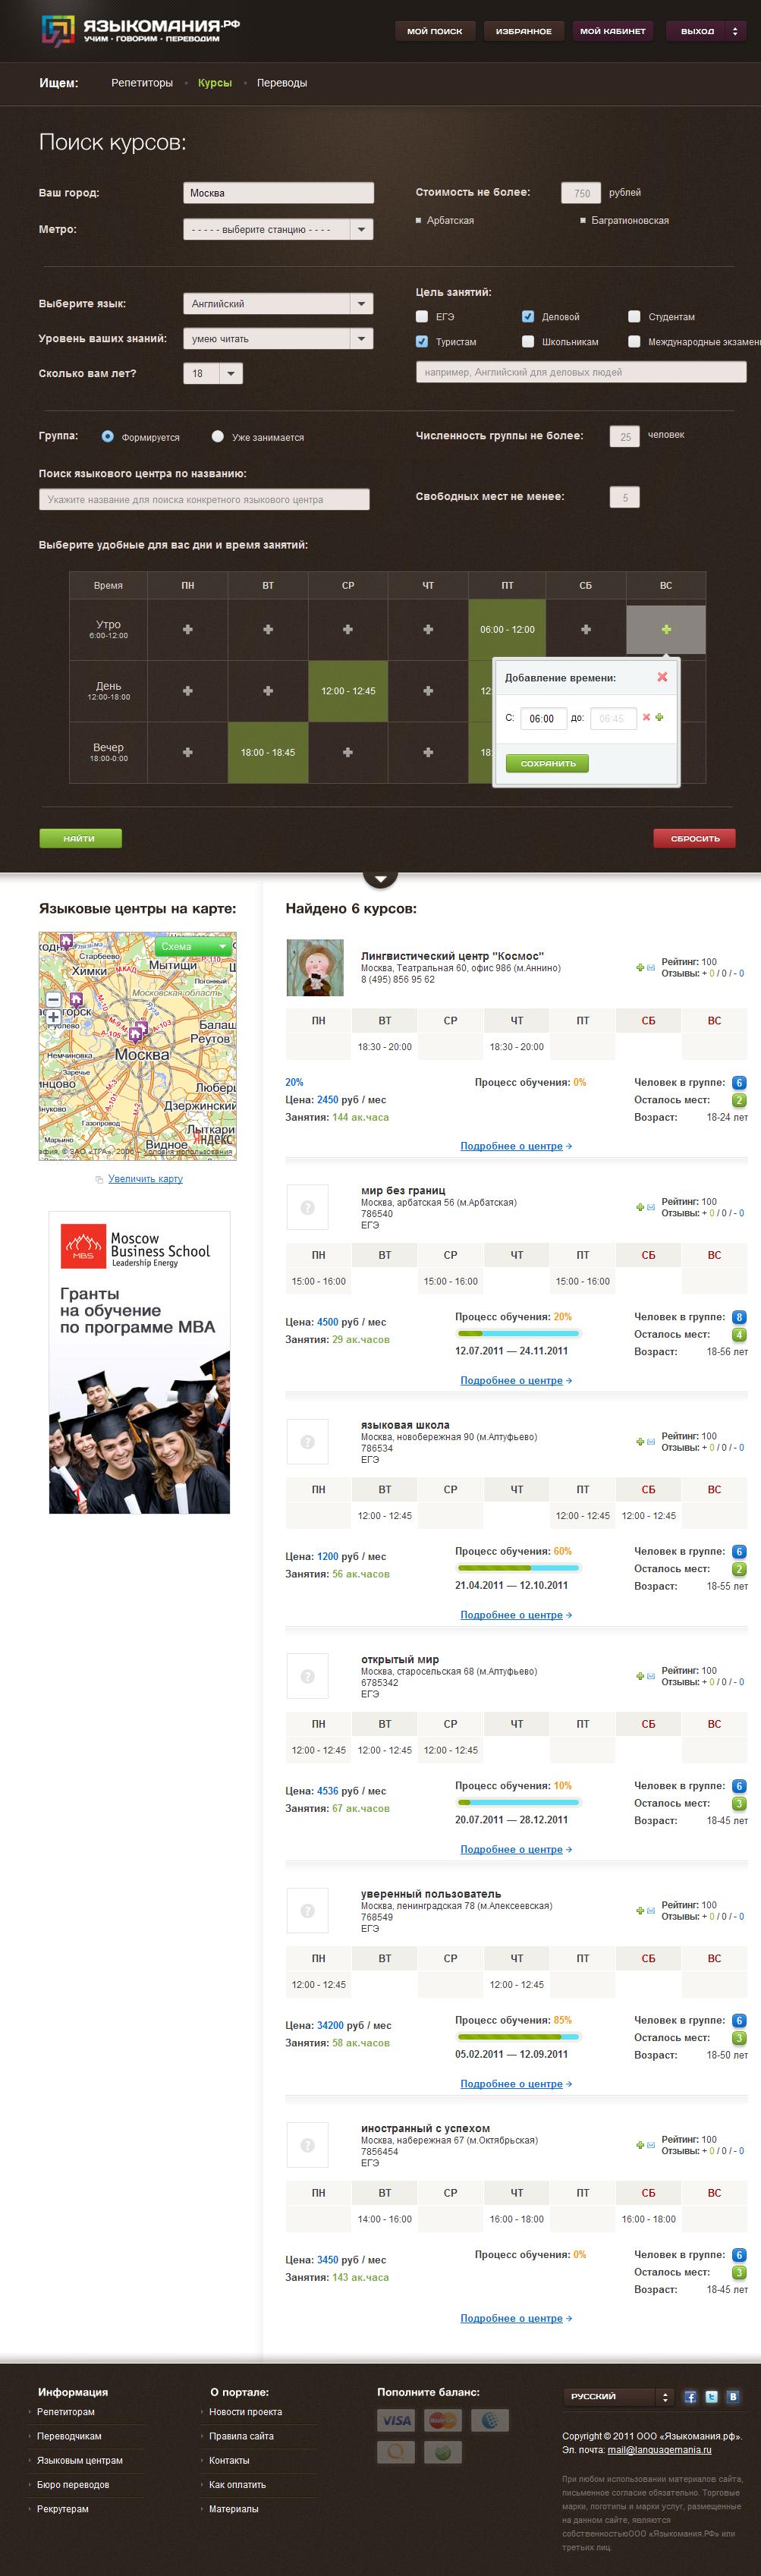 Языкомания.рф - Web 2.0 cоциальная сеть изучающих иностранный язык + BPM